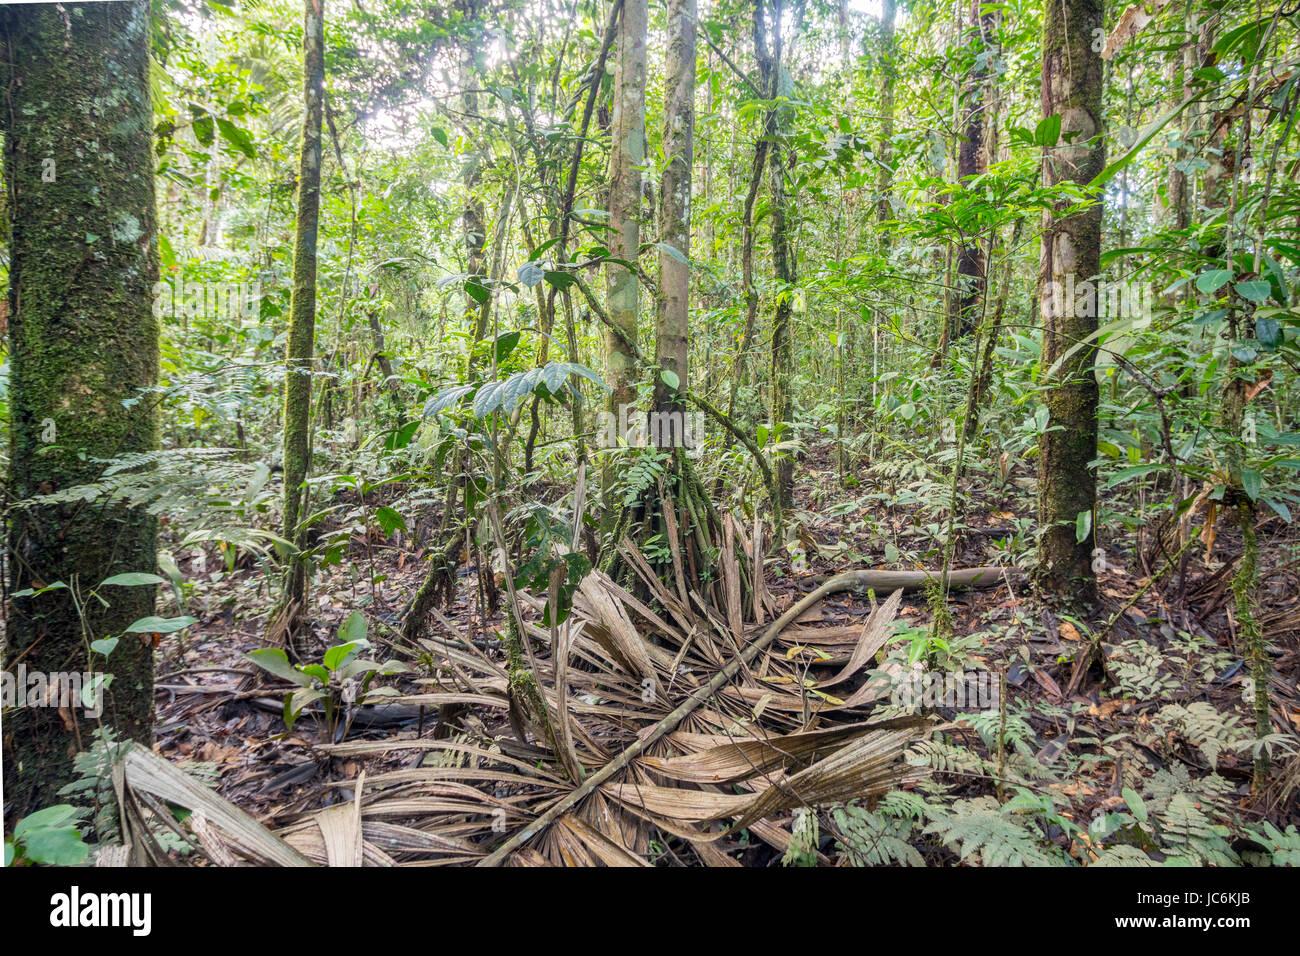 Gefallenen Palmwedel Auf Dem Boden Der Unberuhrten Tropischen